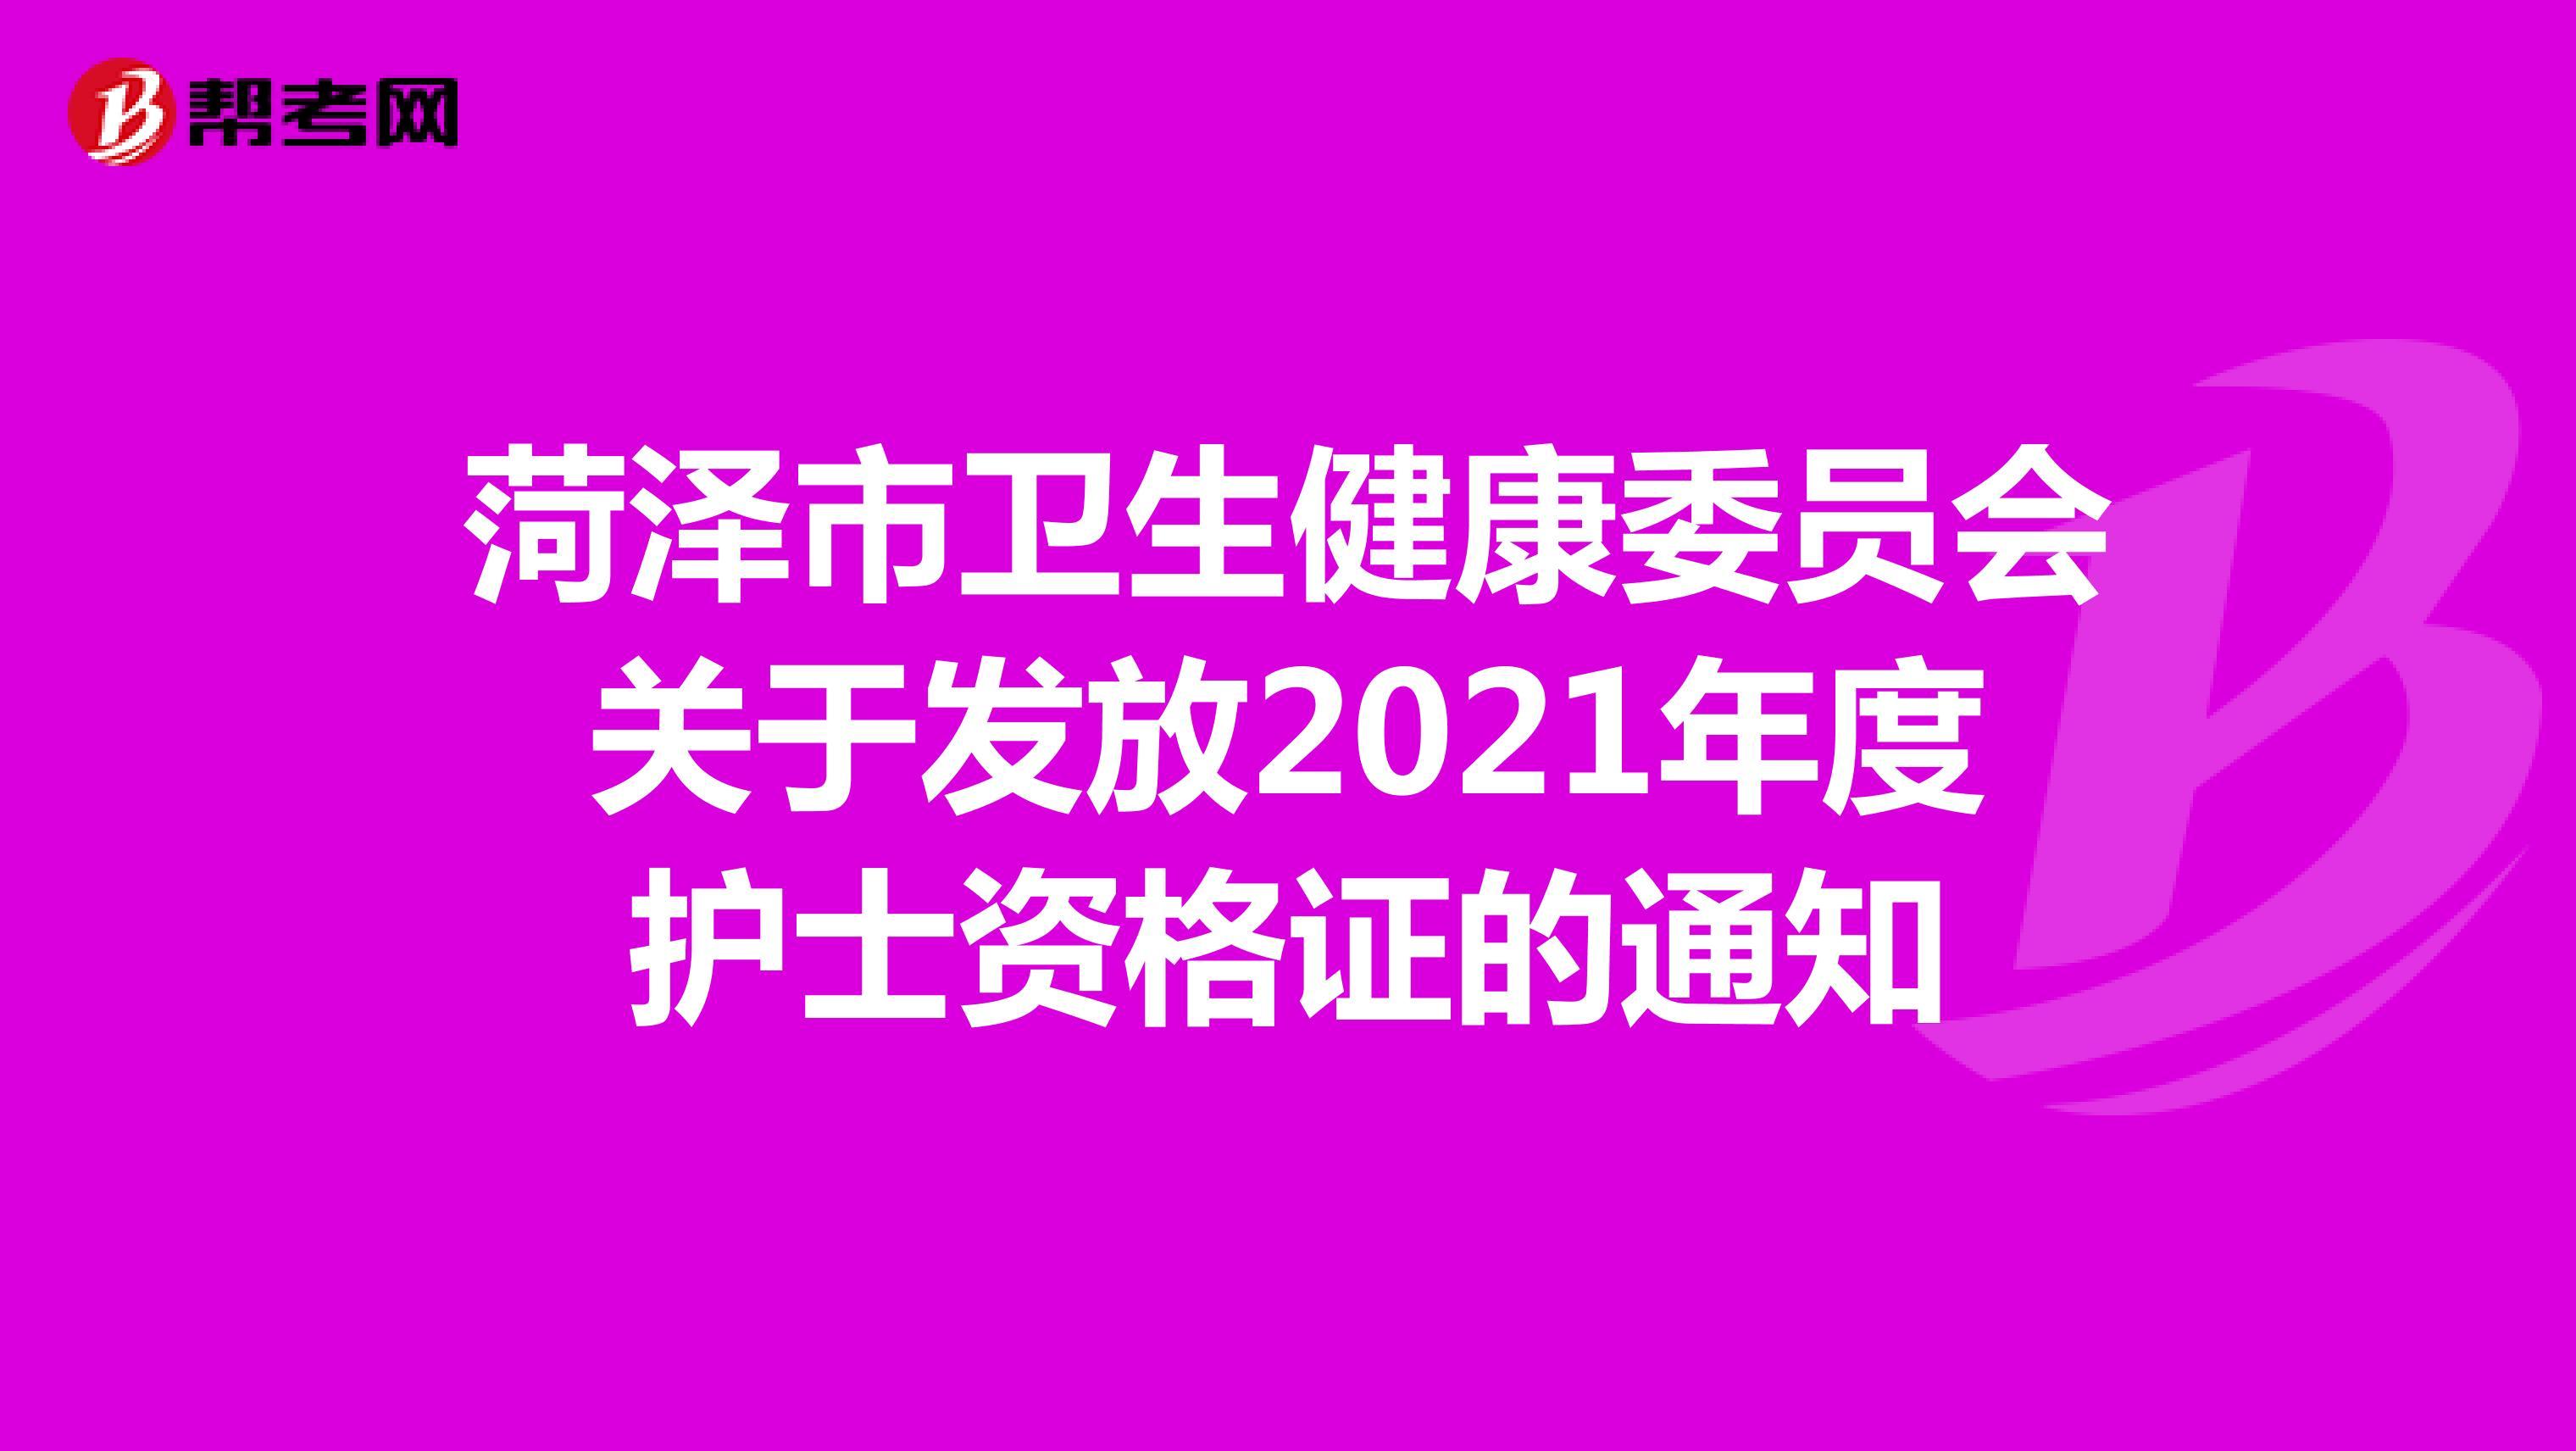 菏泽市卫生健康委员会关于发放2021年度护士资格证的通知